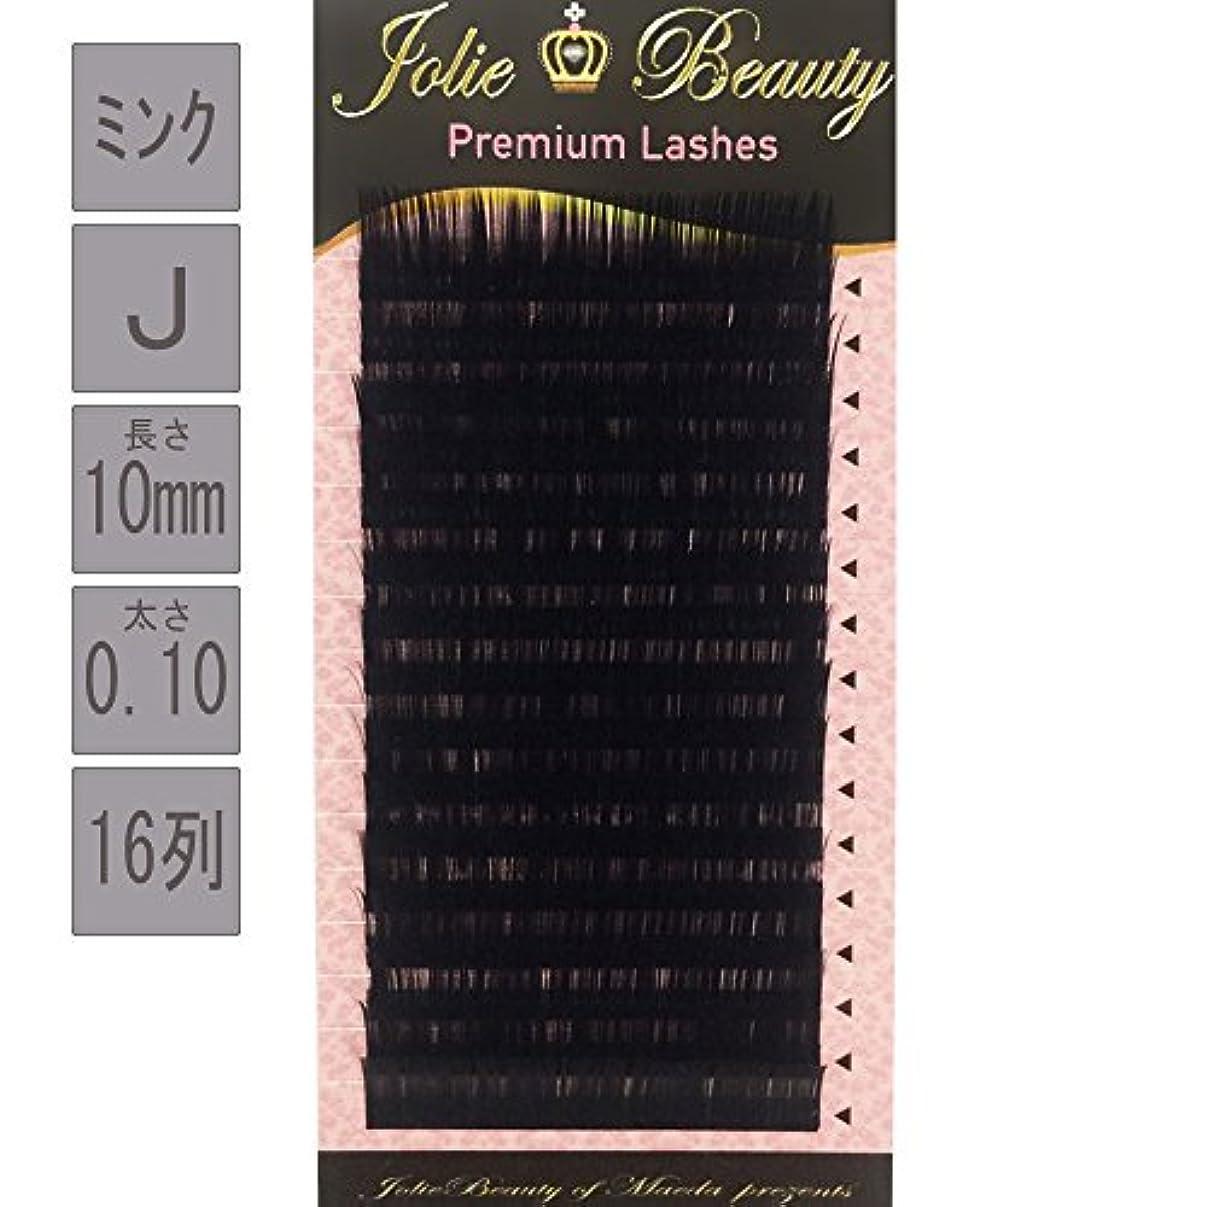 船乗り寸前適切なまつ毛 エクステ 長さ 10mm ( 10ミリ ) 太さ 0.10 0.15 0.18 0.20 0.25 MINK ( ミンク ) 原産国 韓国 (0.10, J)